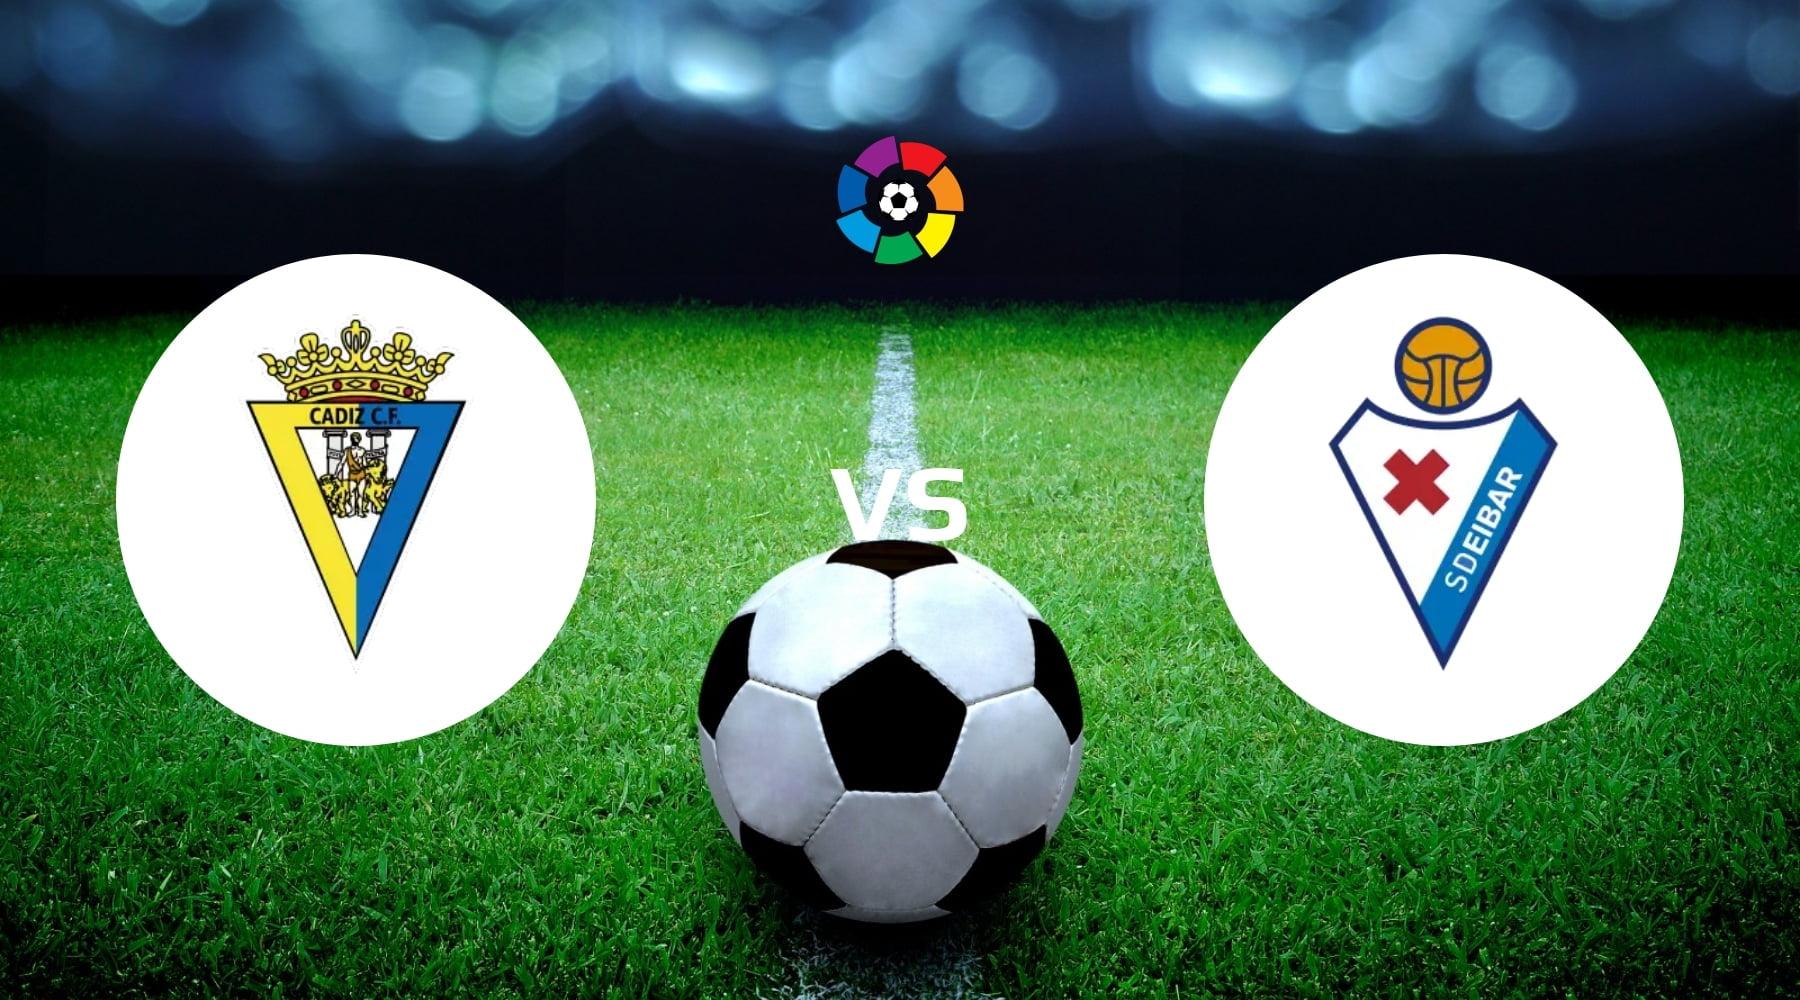 Cadiz vs Eibar Betting